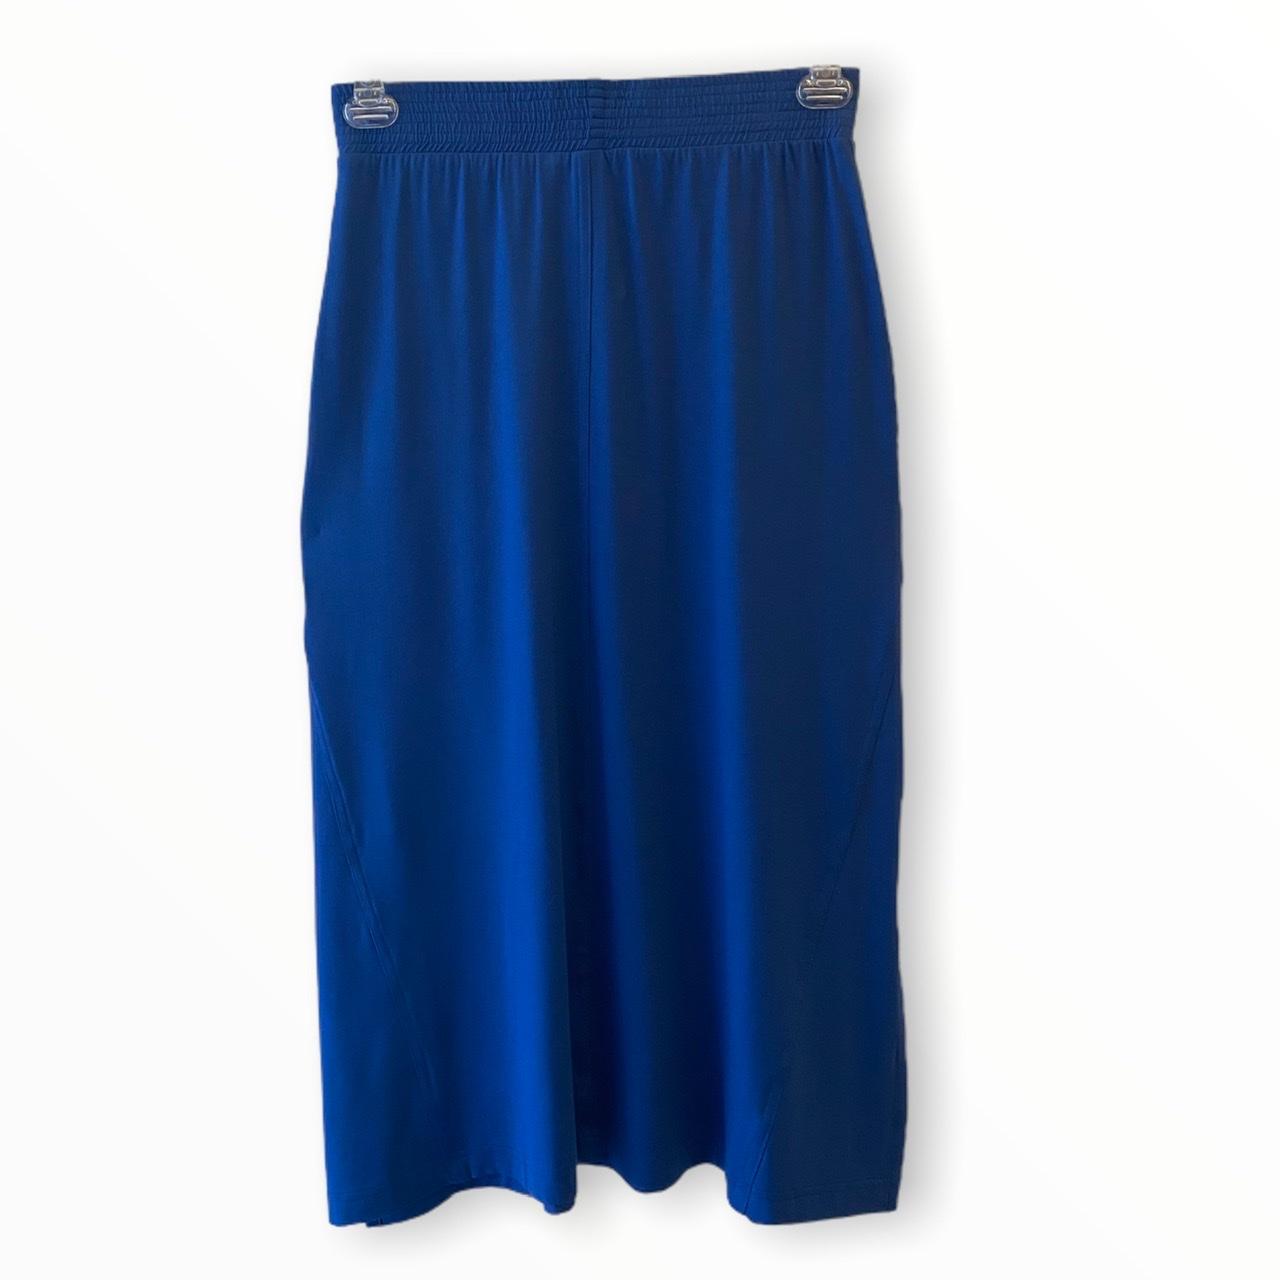 Saia Midi Luana com fendas laterais azul